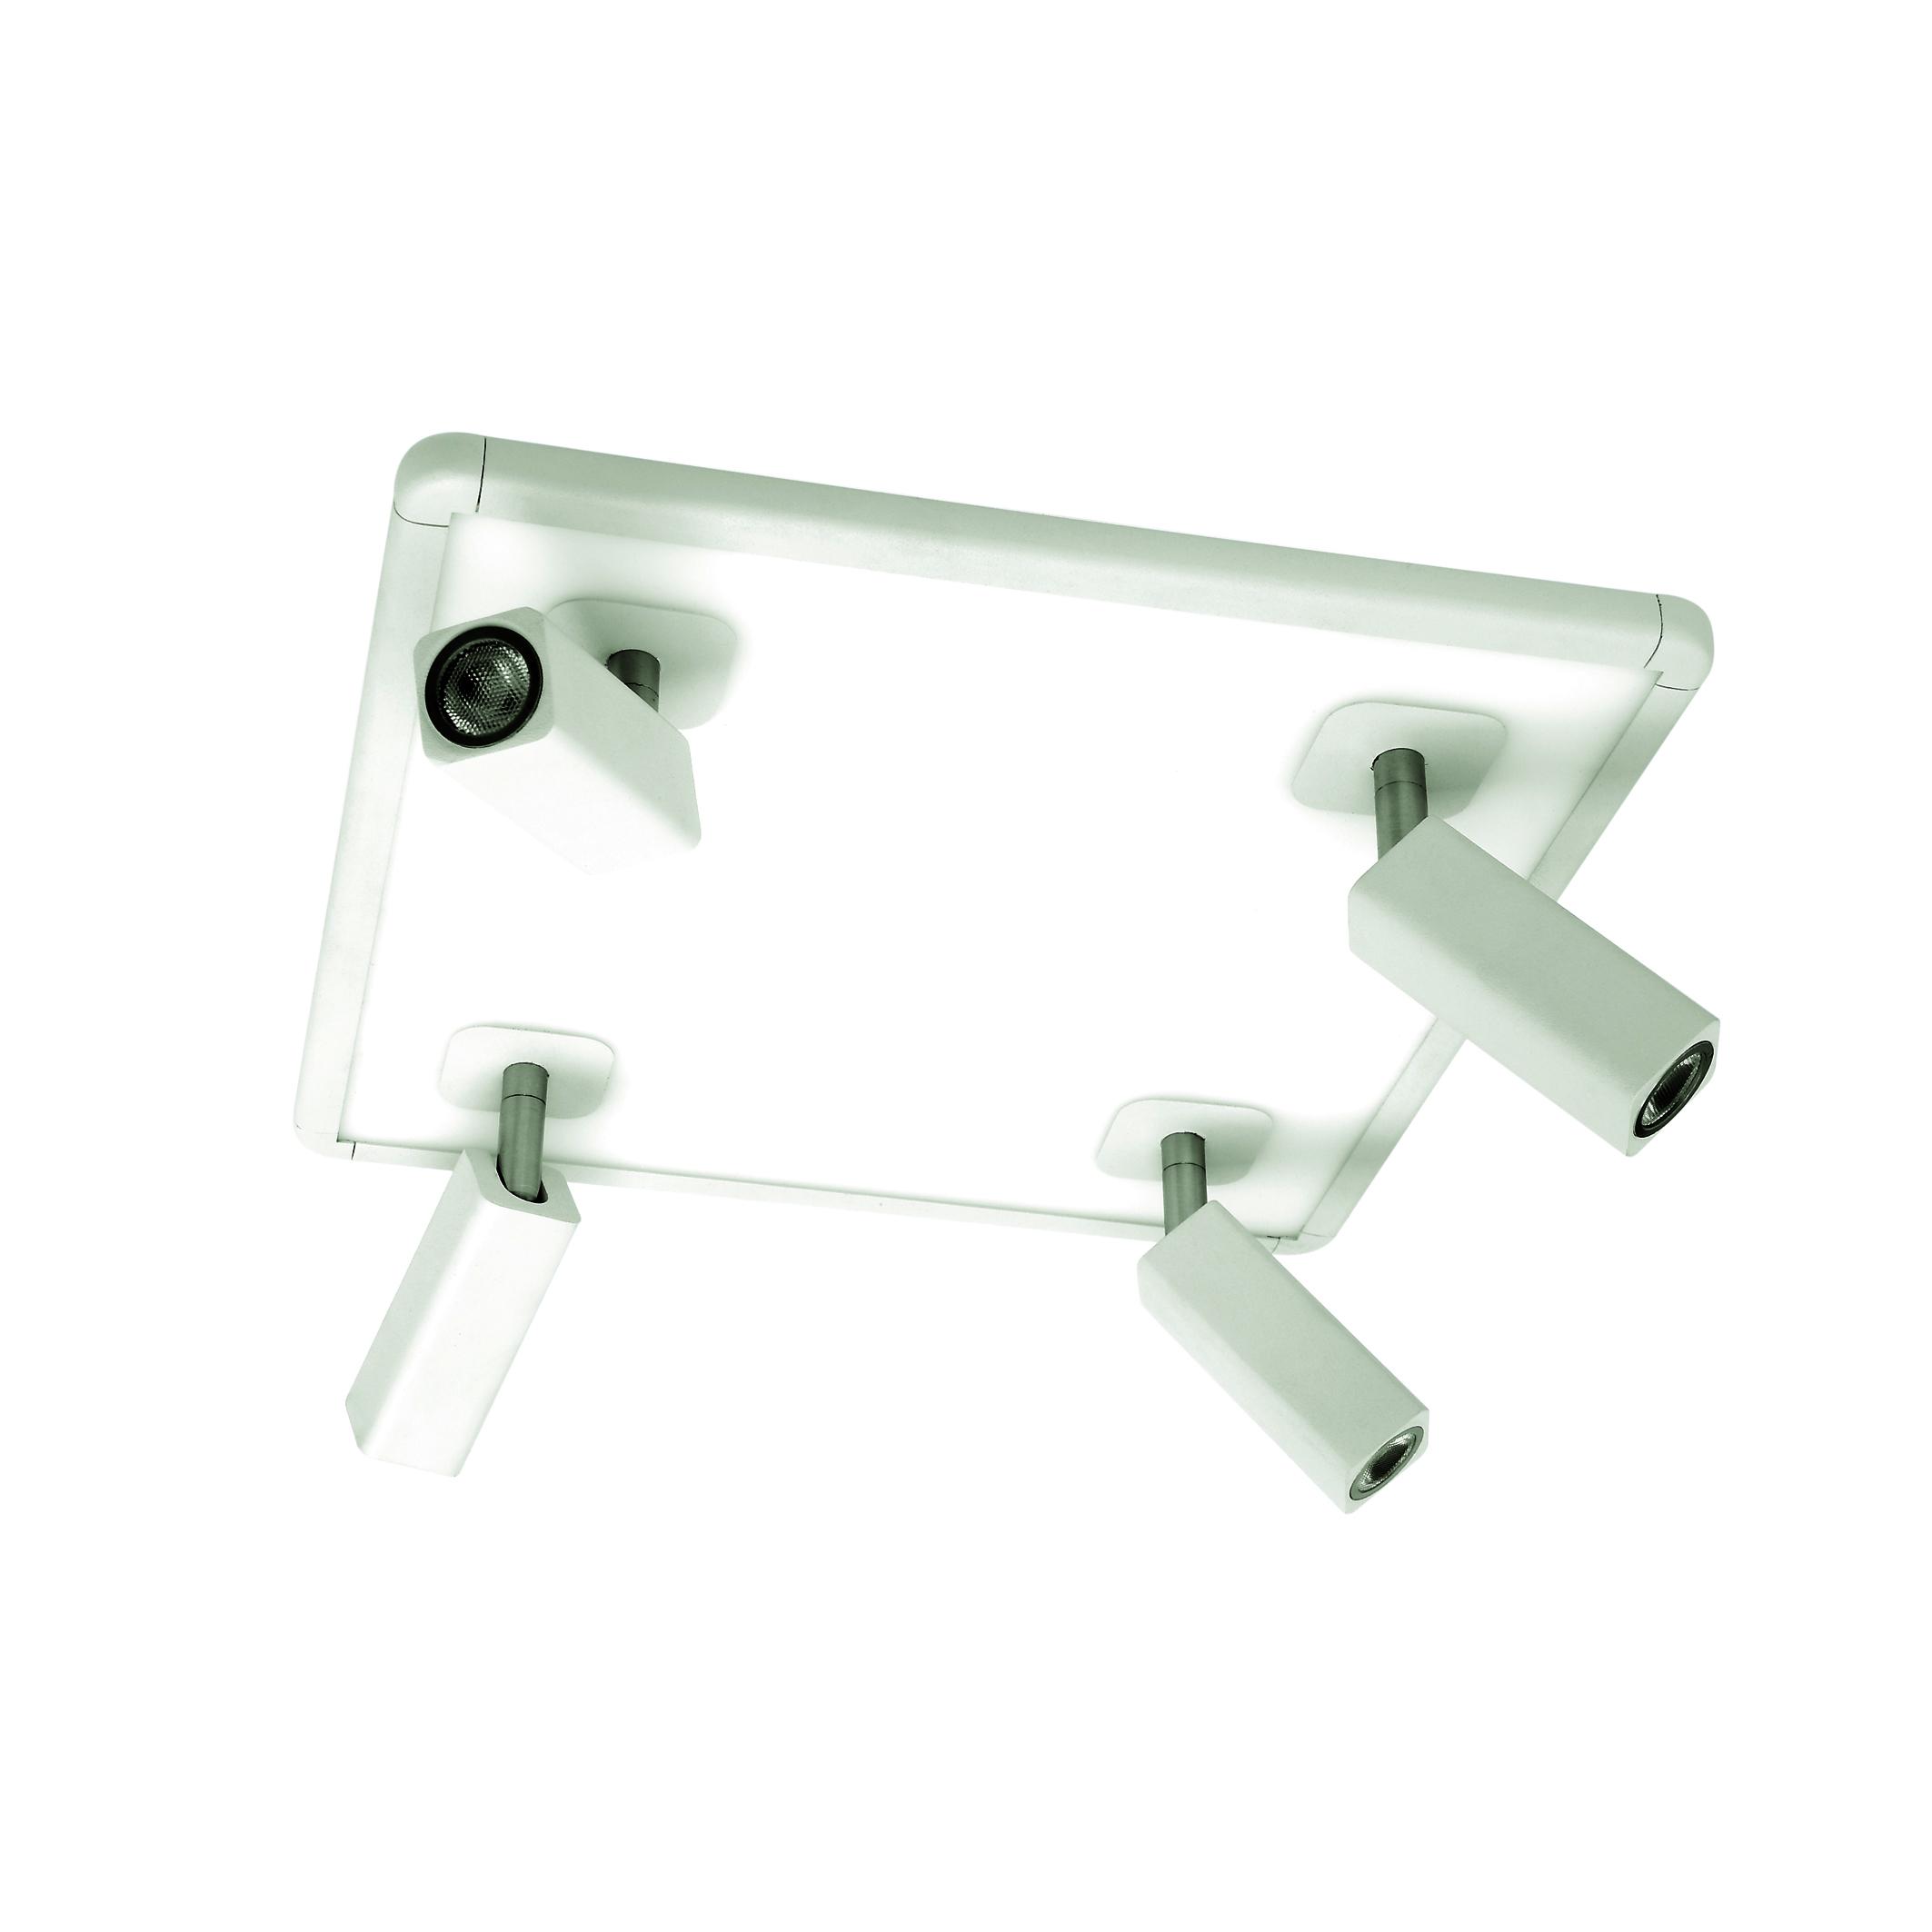 Потолочная люстра с регулировкой направления света Mantra Ibiza 5251, белый, металл, пластик - фото 1